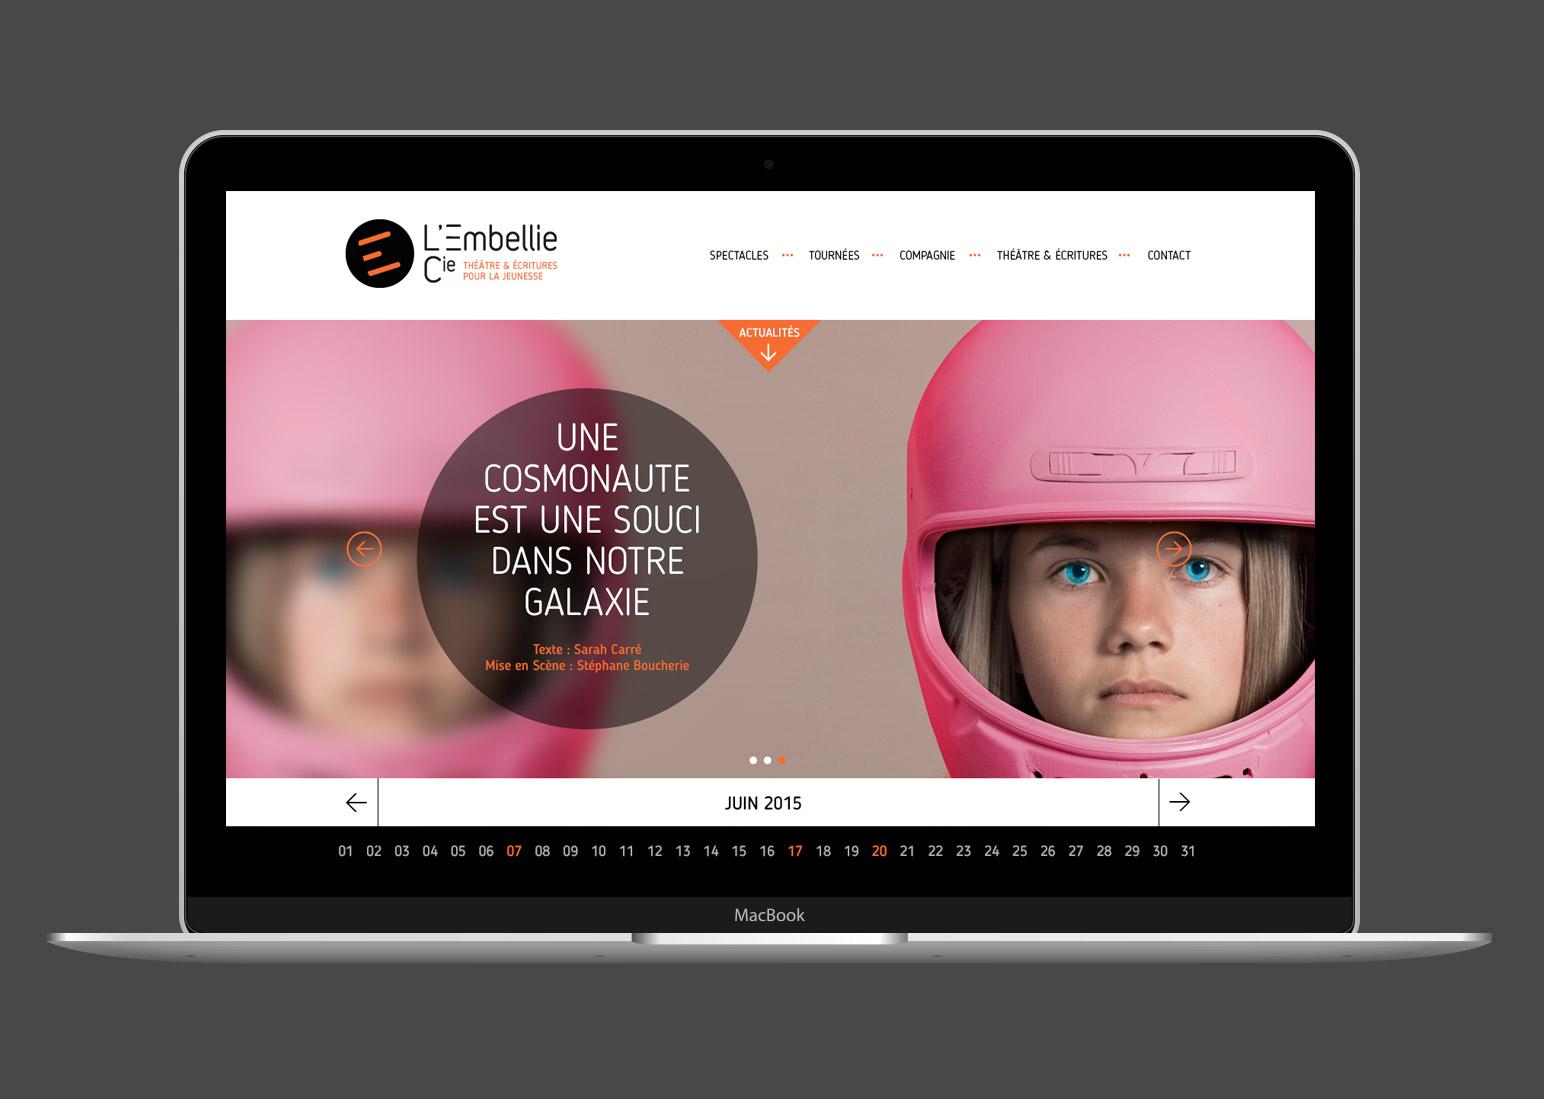 Home page de L'embellie Cie